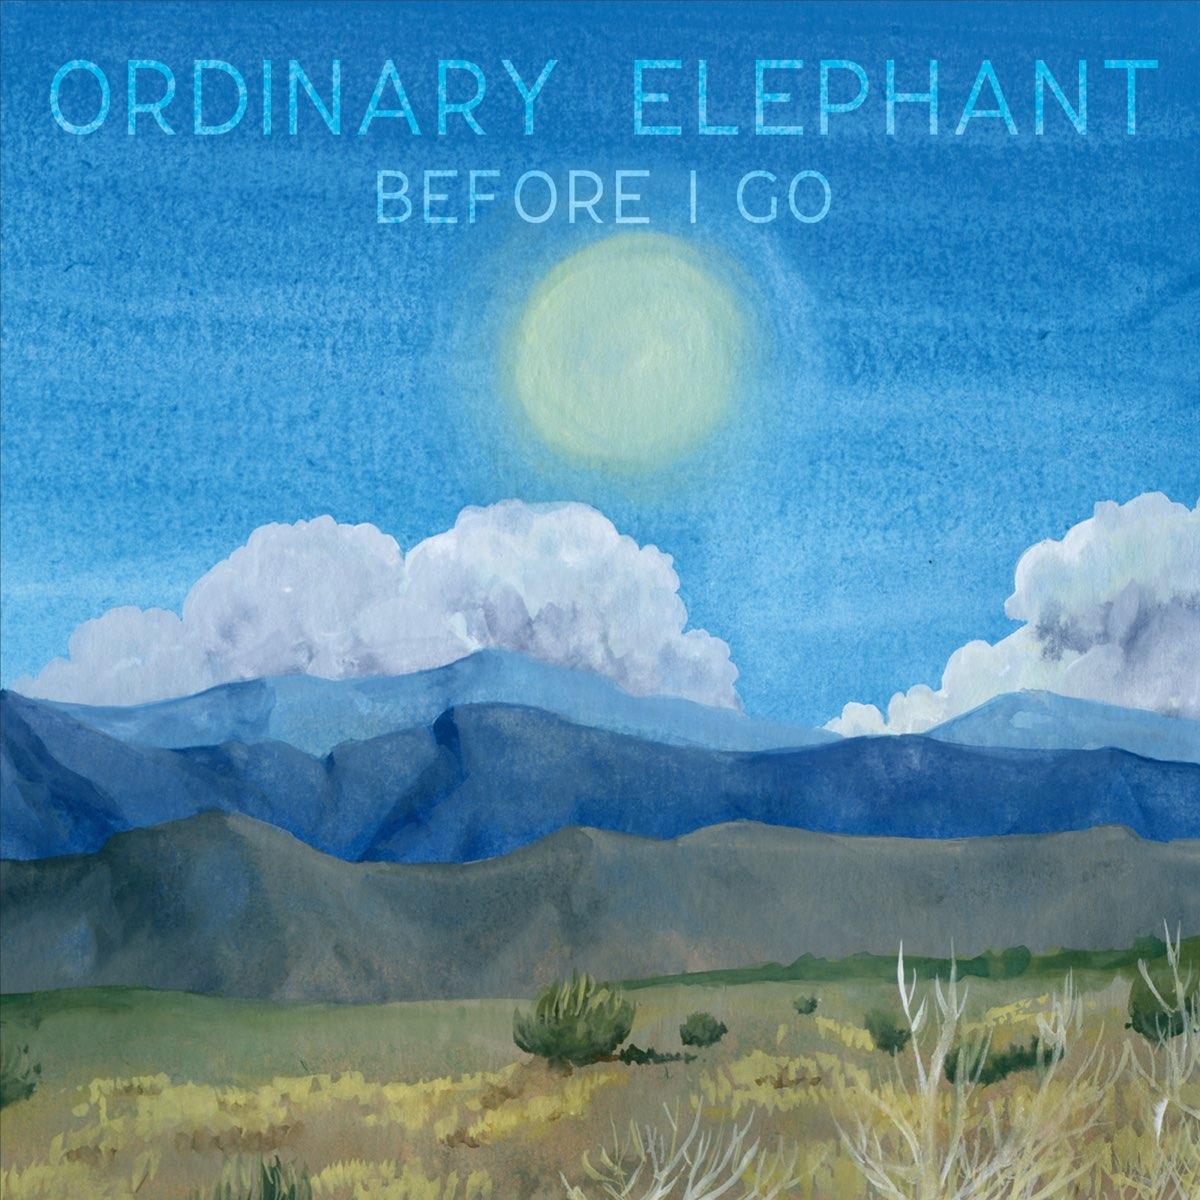 Ordinary Elephant - Before I Go Album Art